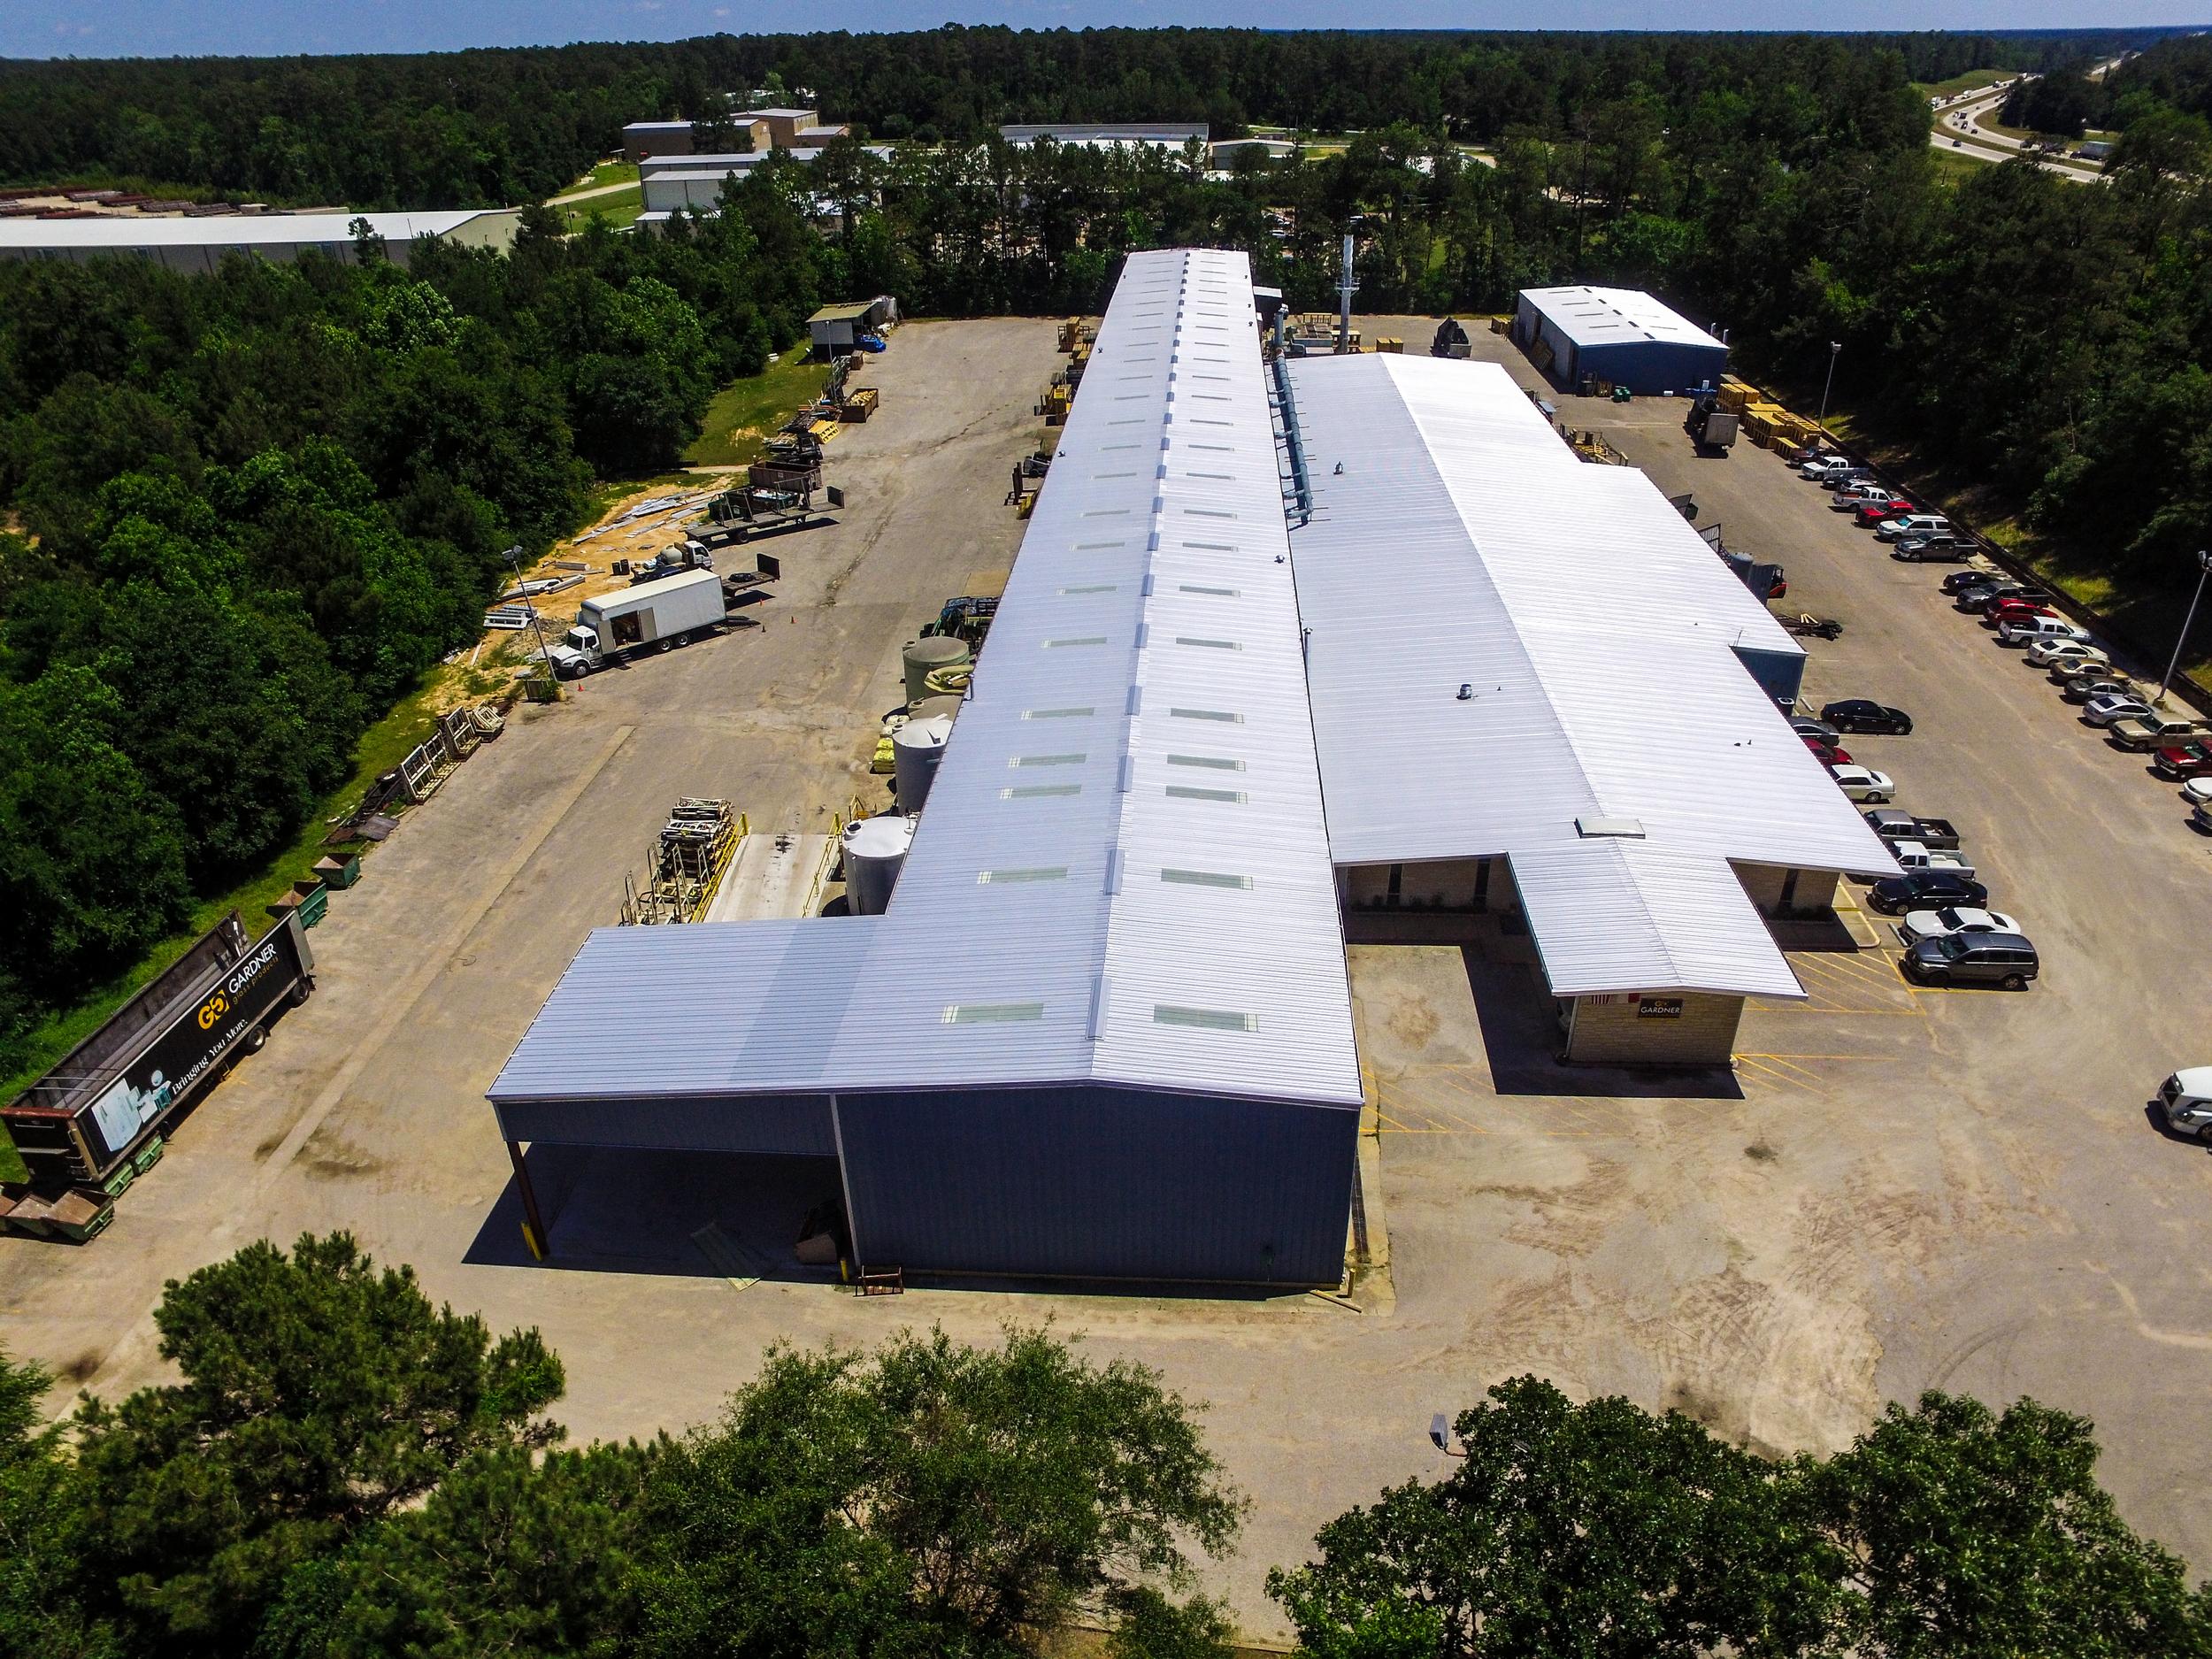 Houston Commercial Roofing_Gardner Glass_Commercial Roofing Texas _Crest Contracting and Roofing